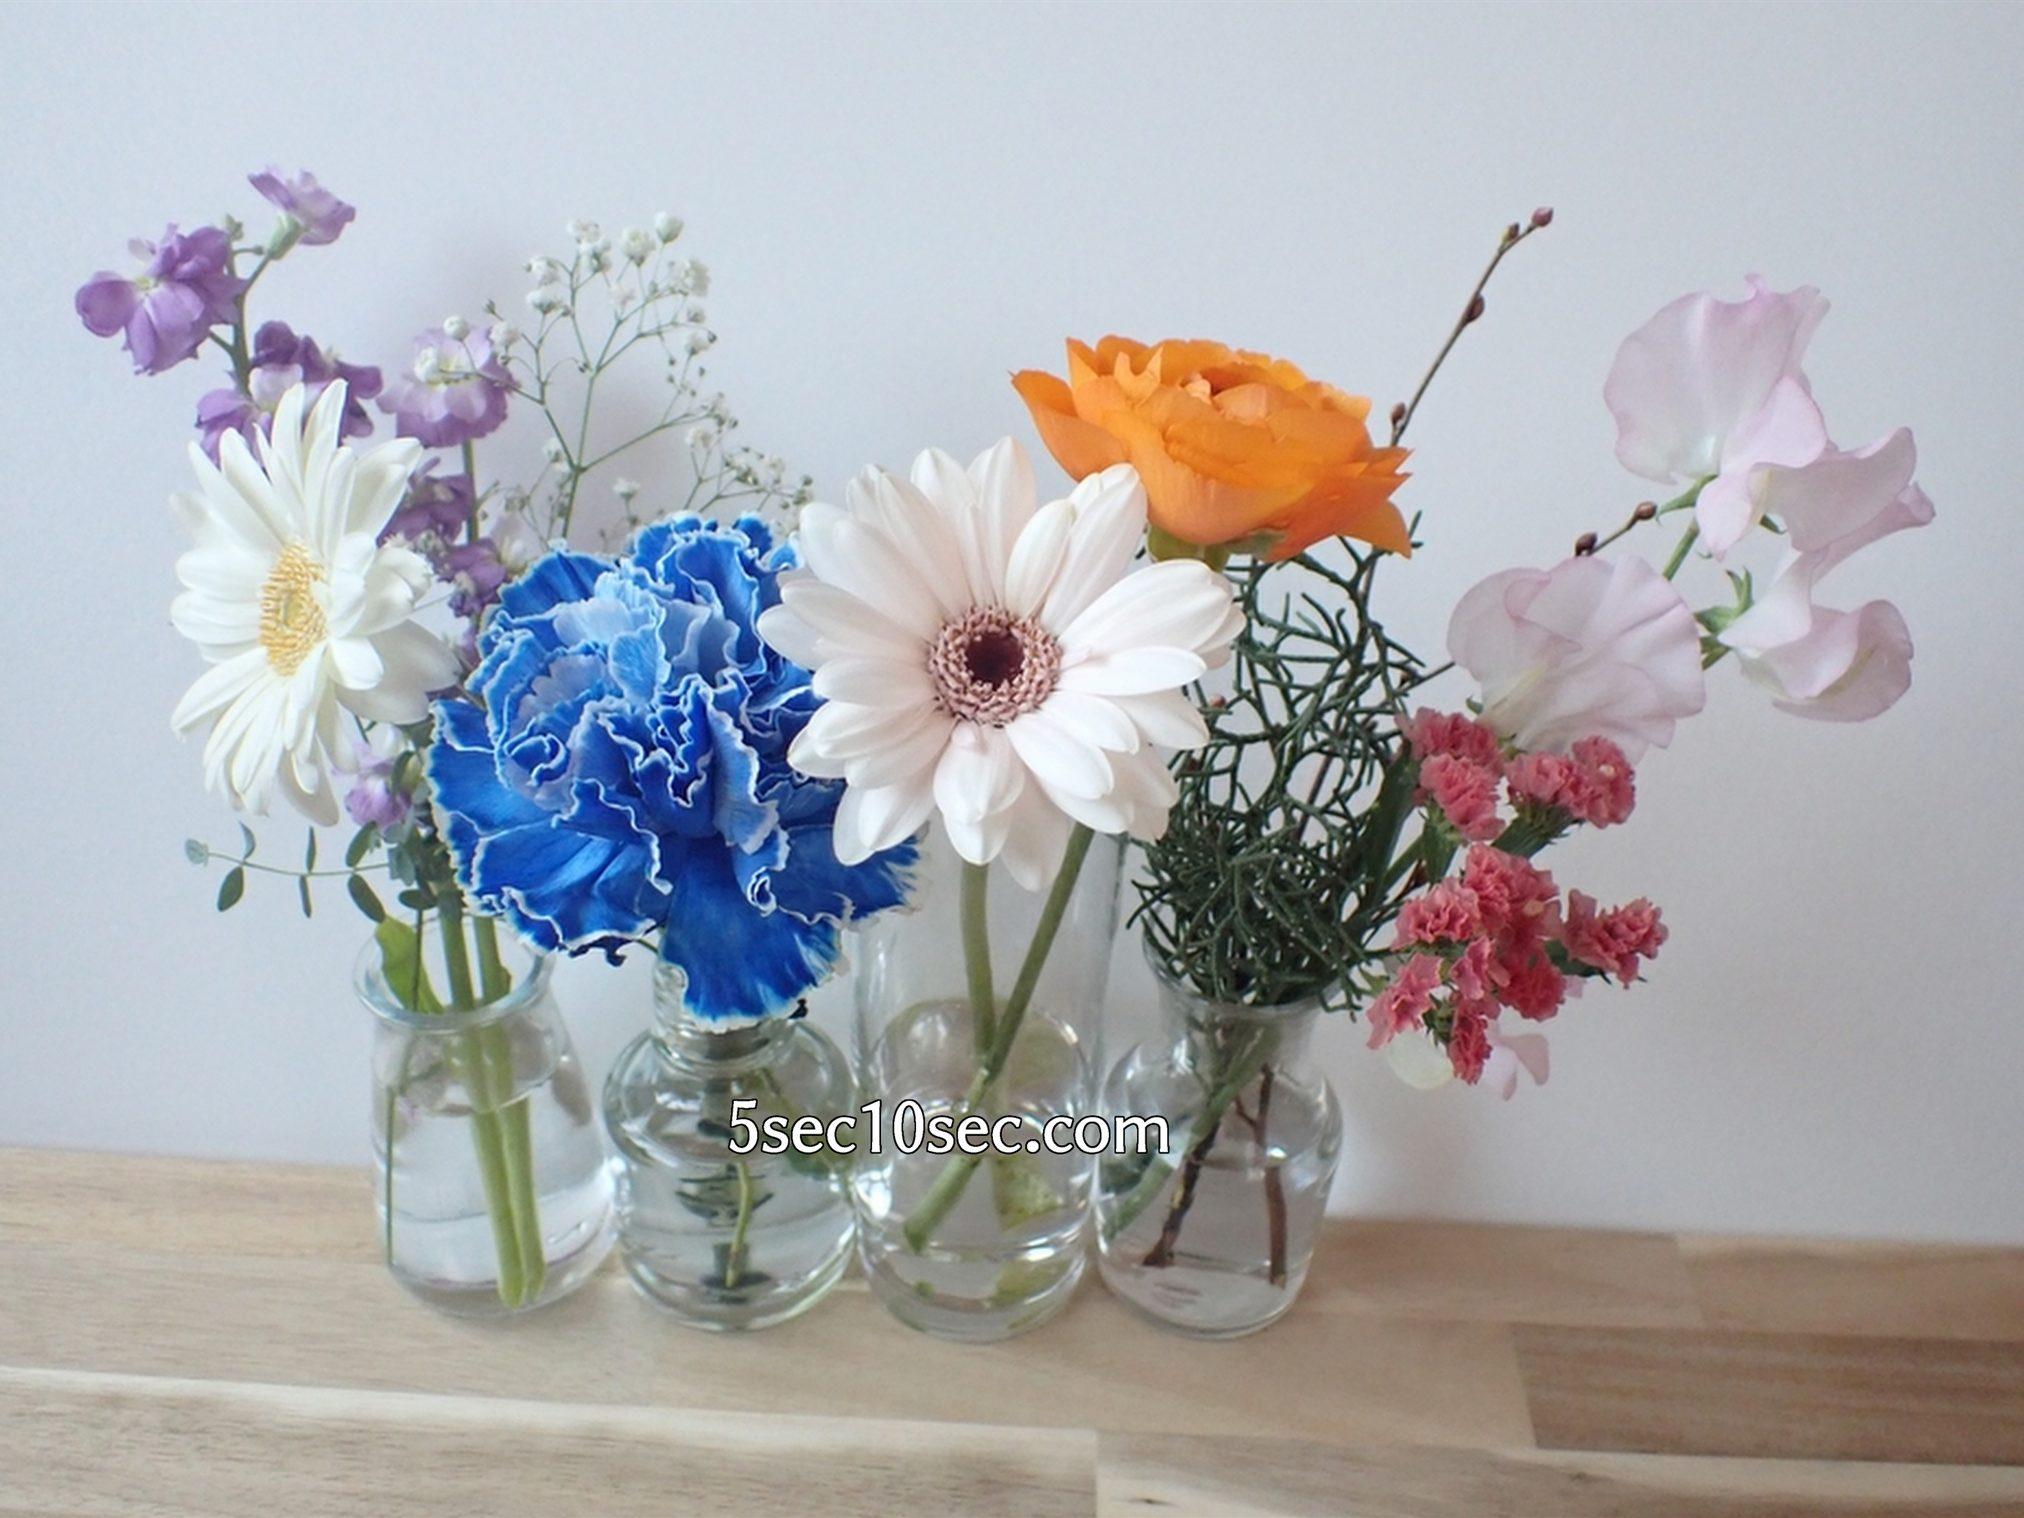 株式会社Crunch Style お花の定期便 Bloomee LIFE ブルーミーライフ レギュラープラン 隔週のお届けで2週間前の前回のお花と一緒に横に並べてみた